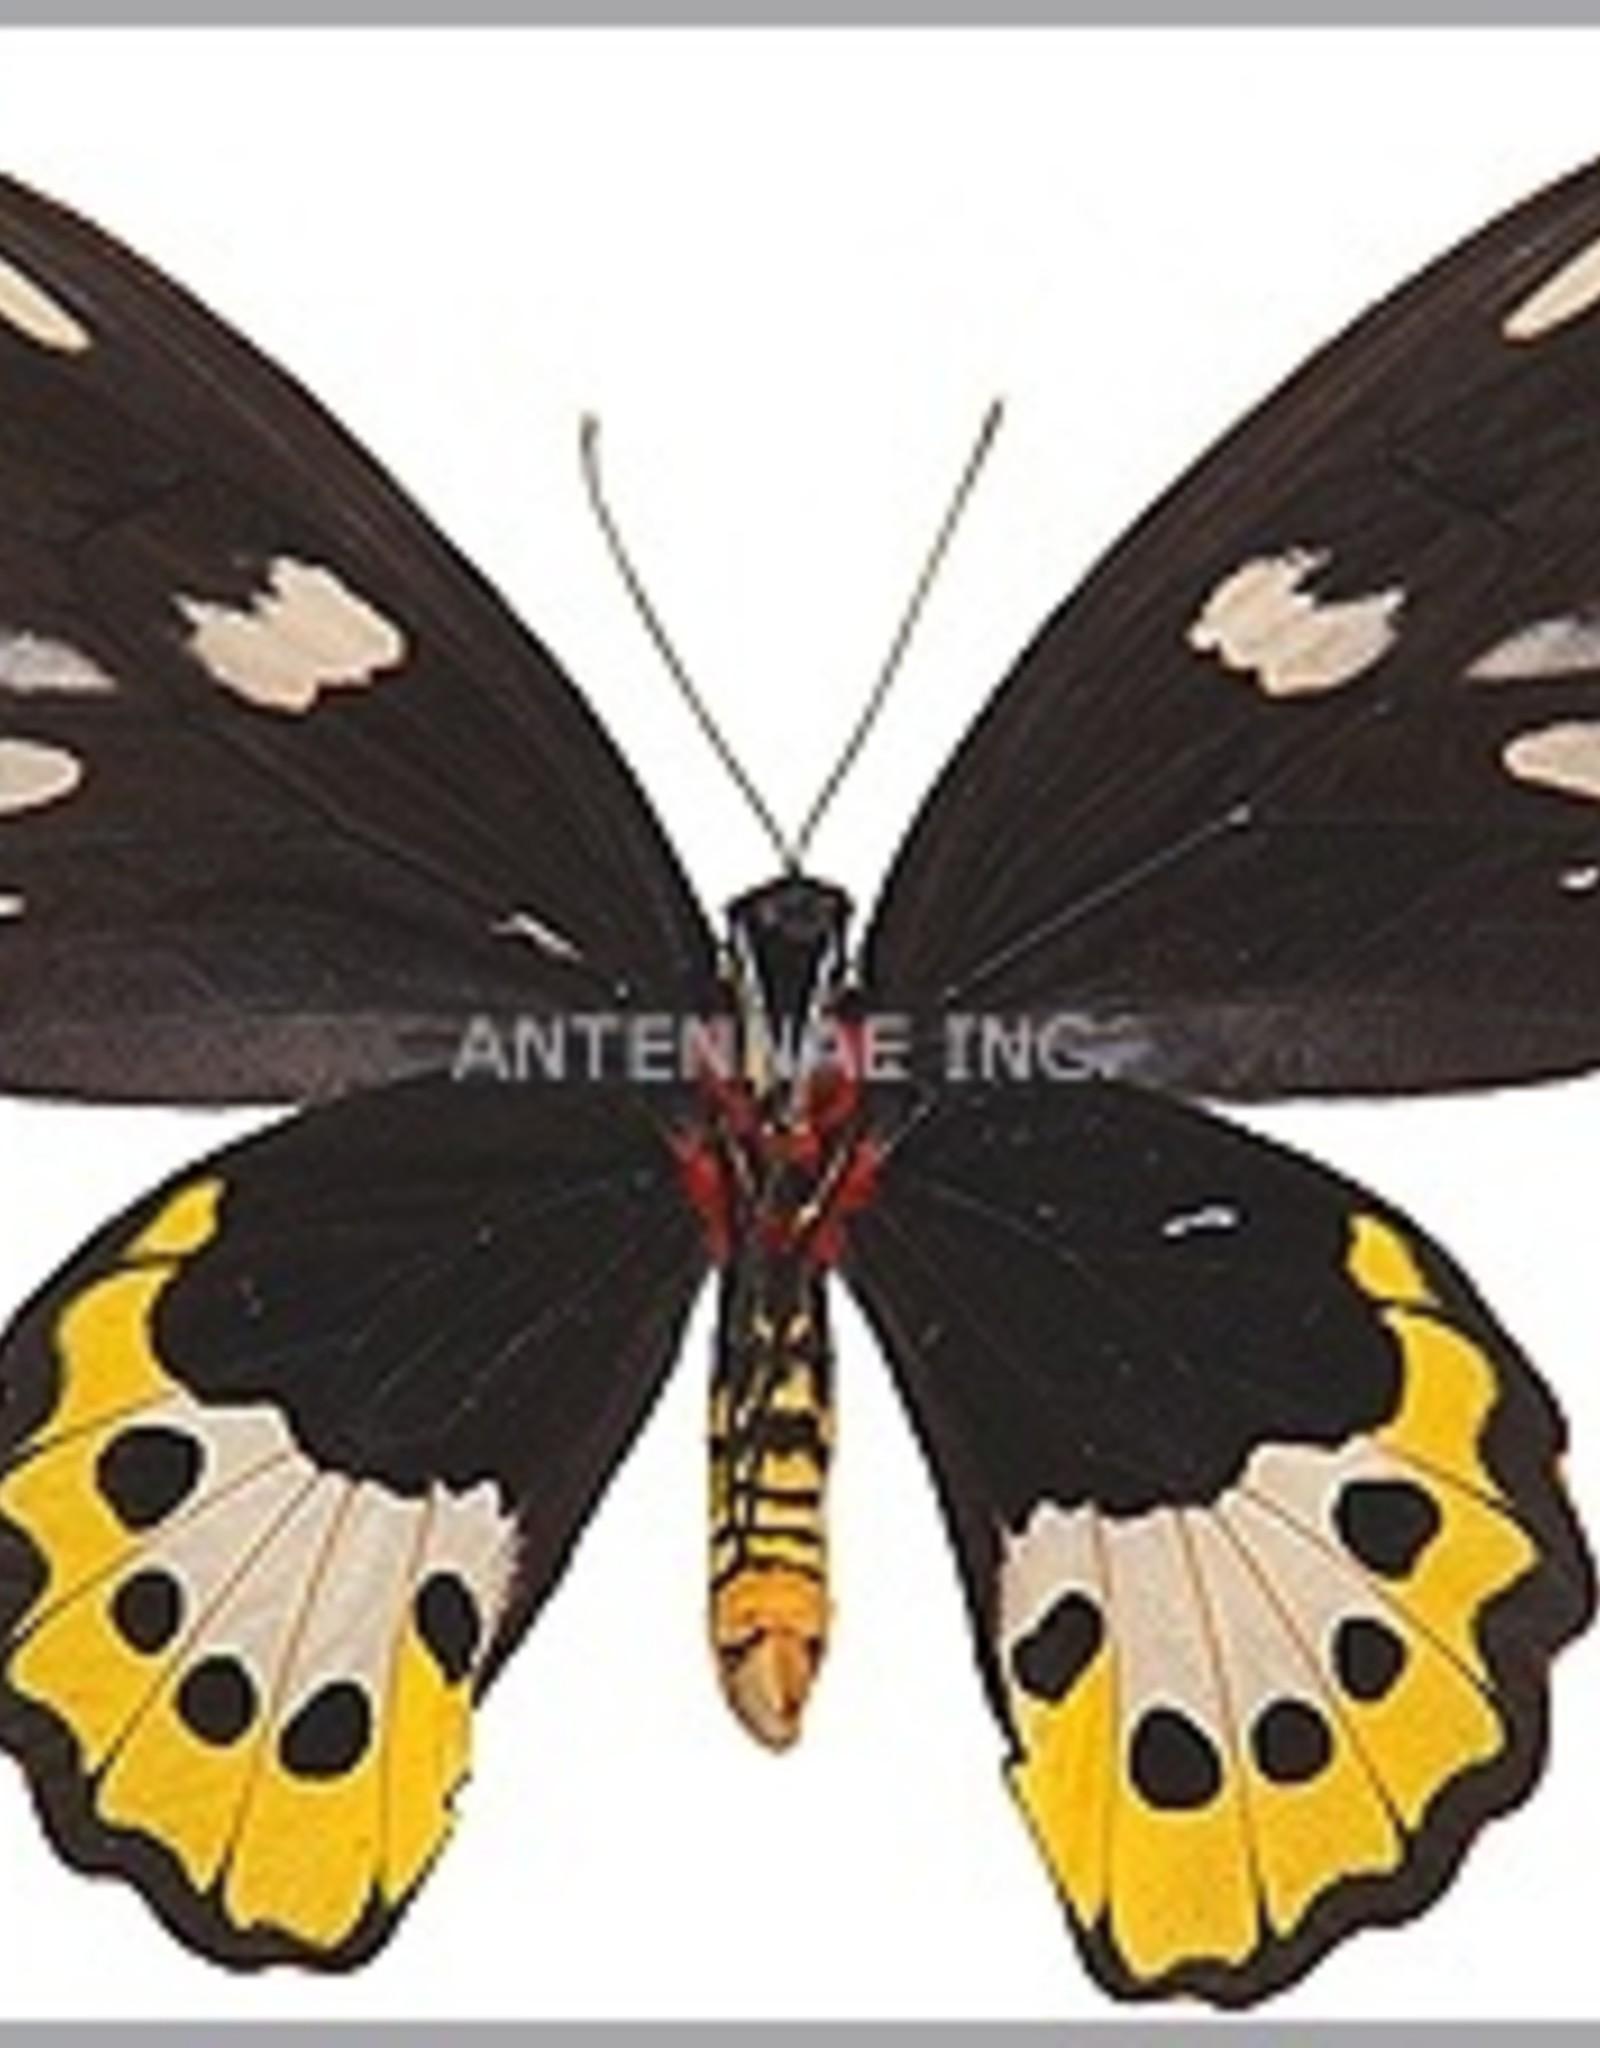 Ornithoptera paradisea flavescens (local form of O. p. detanii) PAIR A1 Timika, Irian Jaya, Indonesia